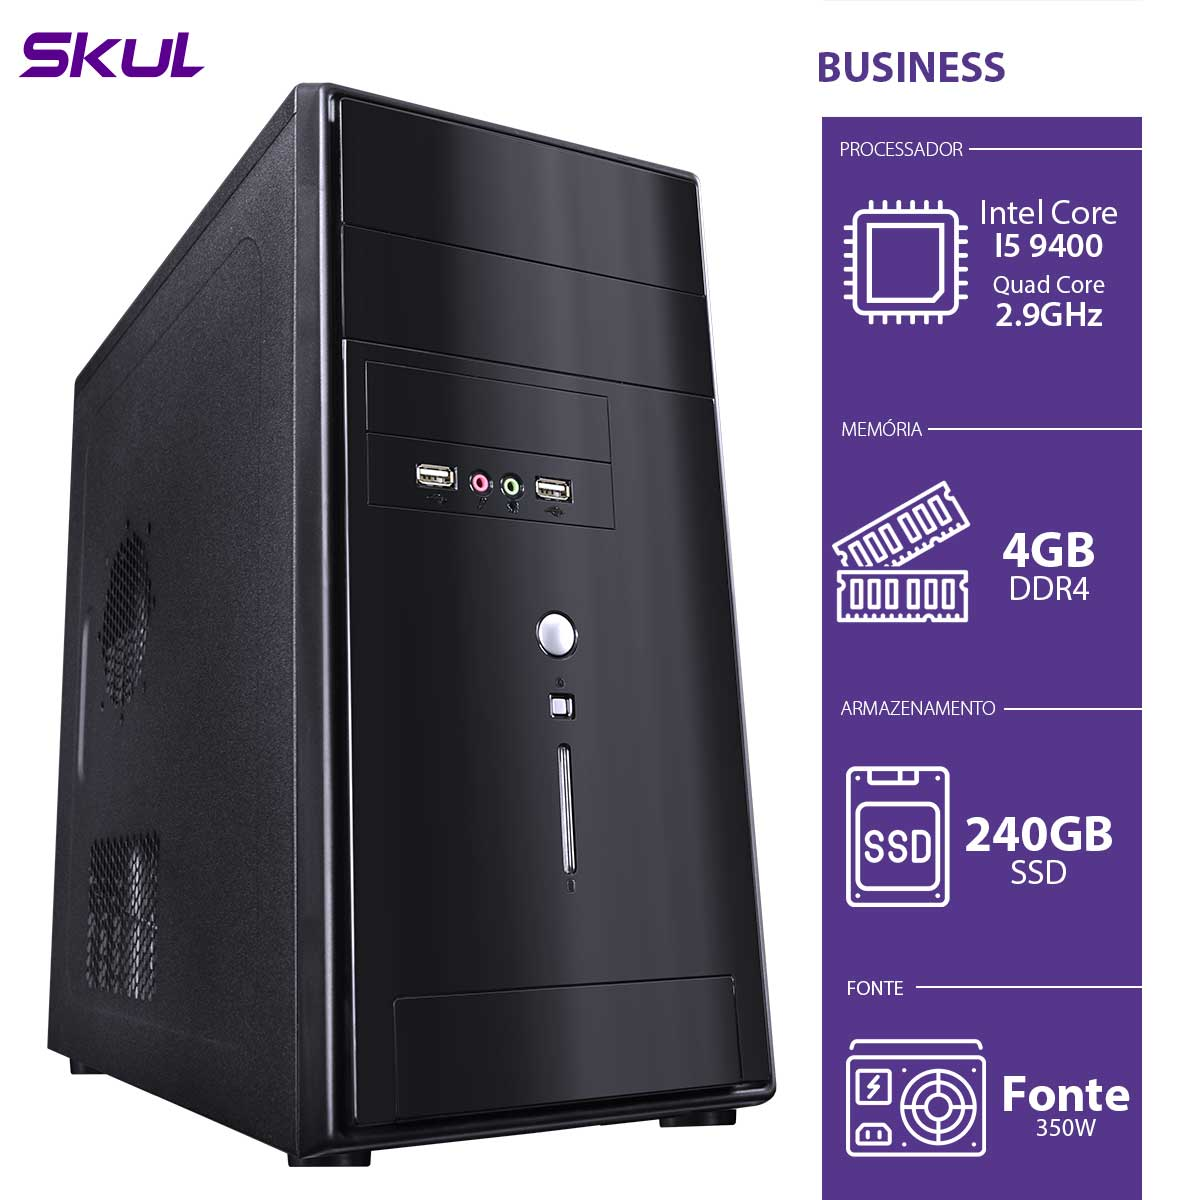 Computador Business B500 - I5-9400 2.9GHZ 4GB DDR4 SSD 240 HDMI/VGA Fonte 350W